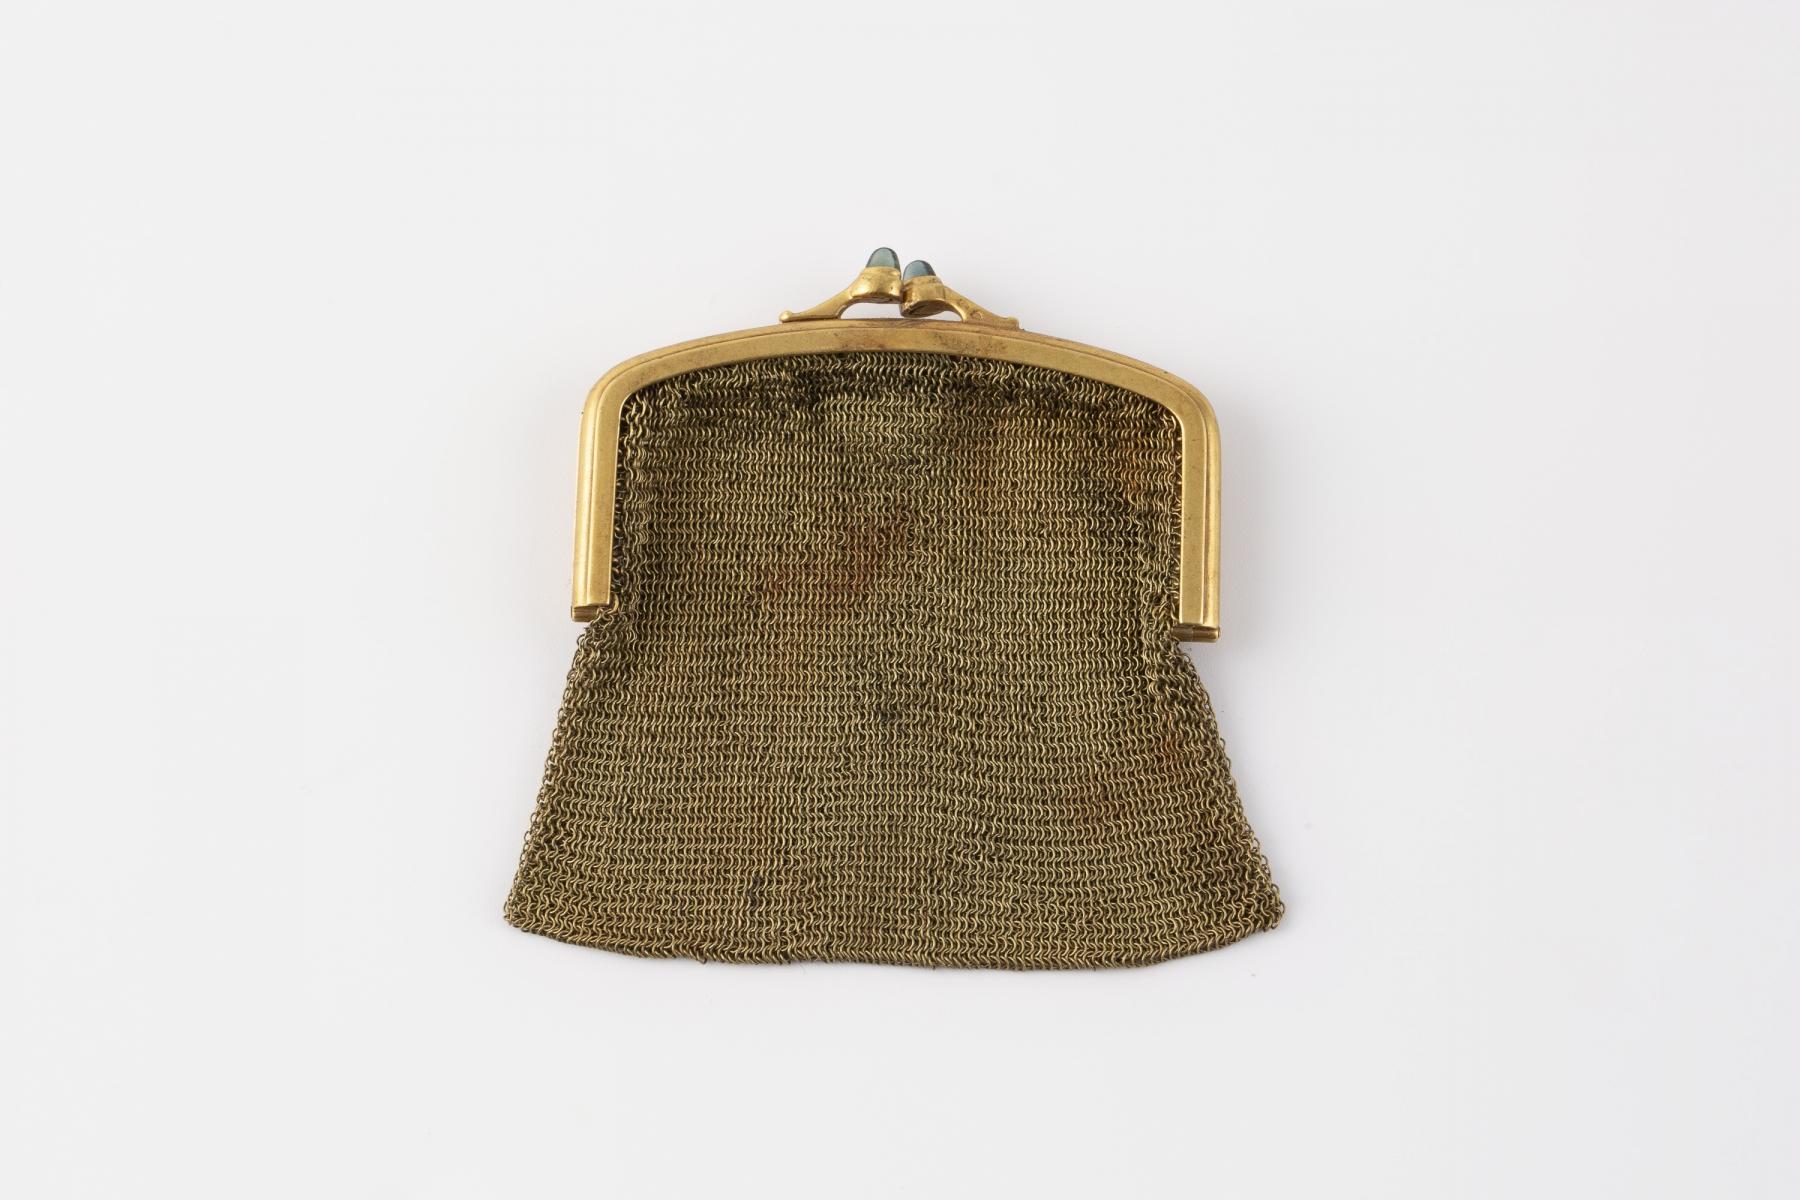 173- Aumonière en or jaune, le fermoir orné de petits saphirs cabochons. Adjugé 1150€